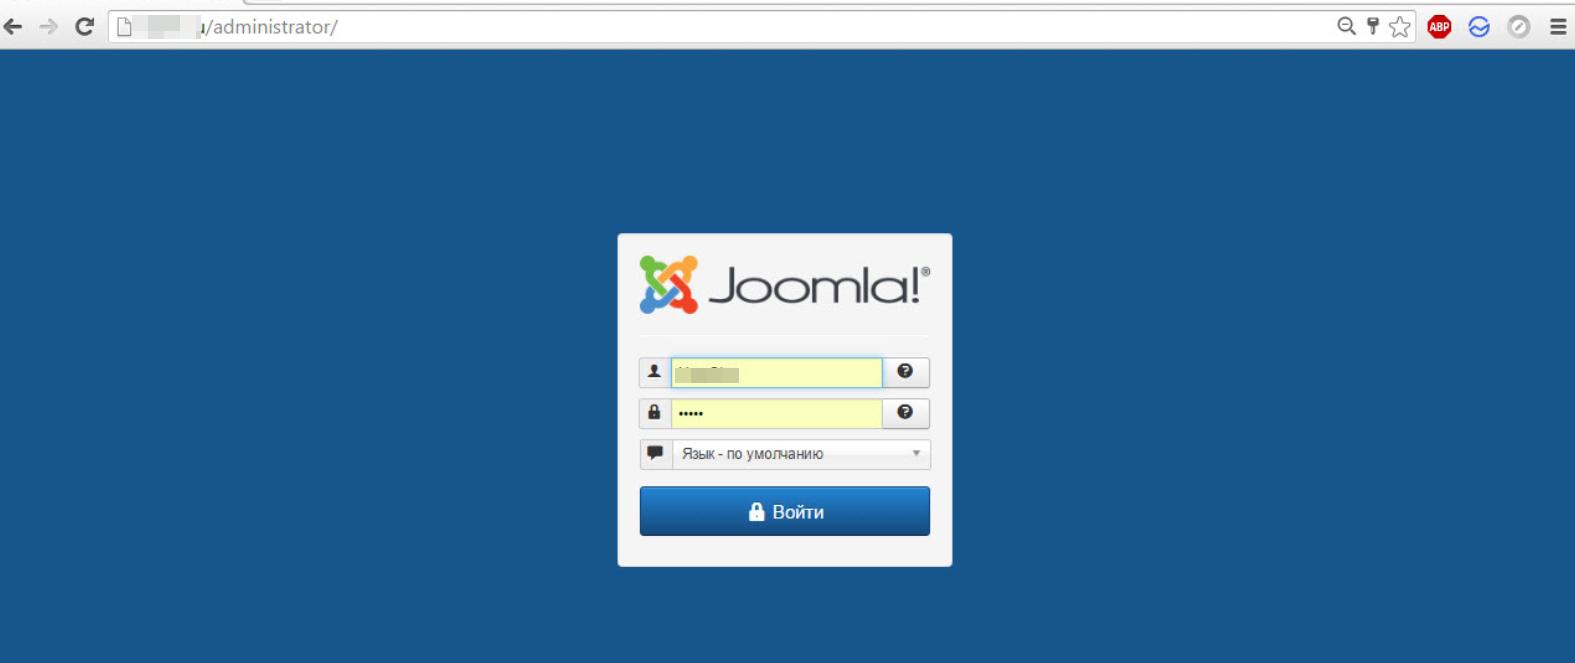 Войти в админку Joomla